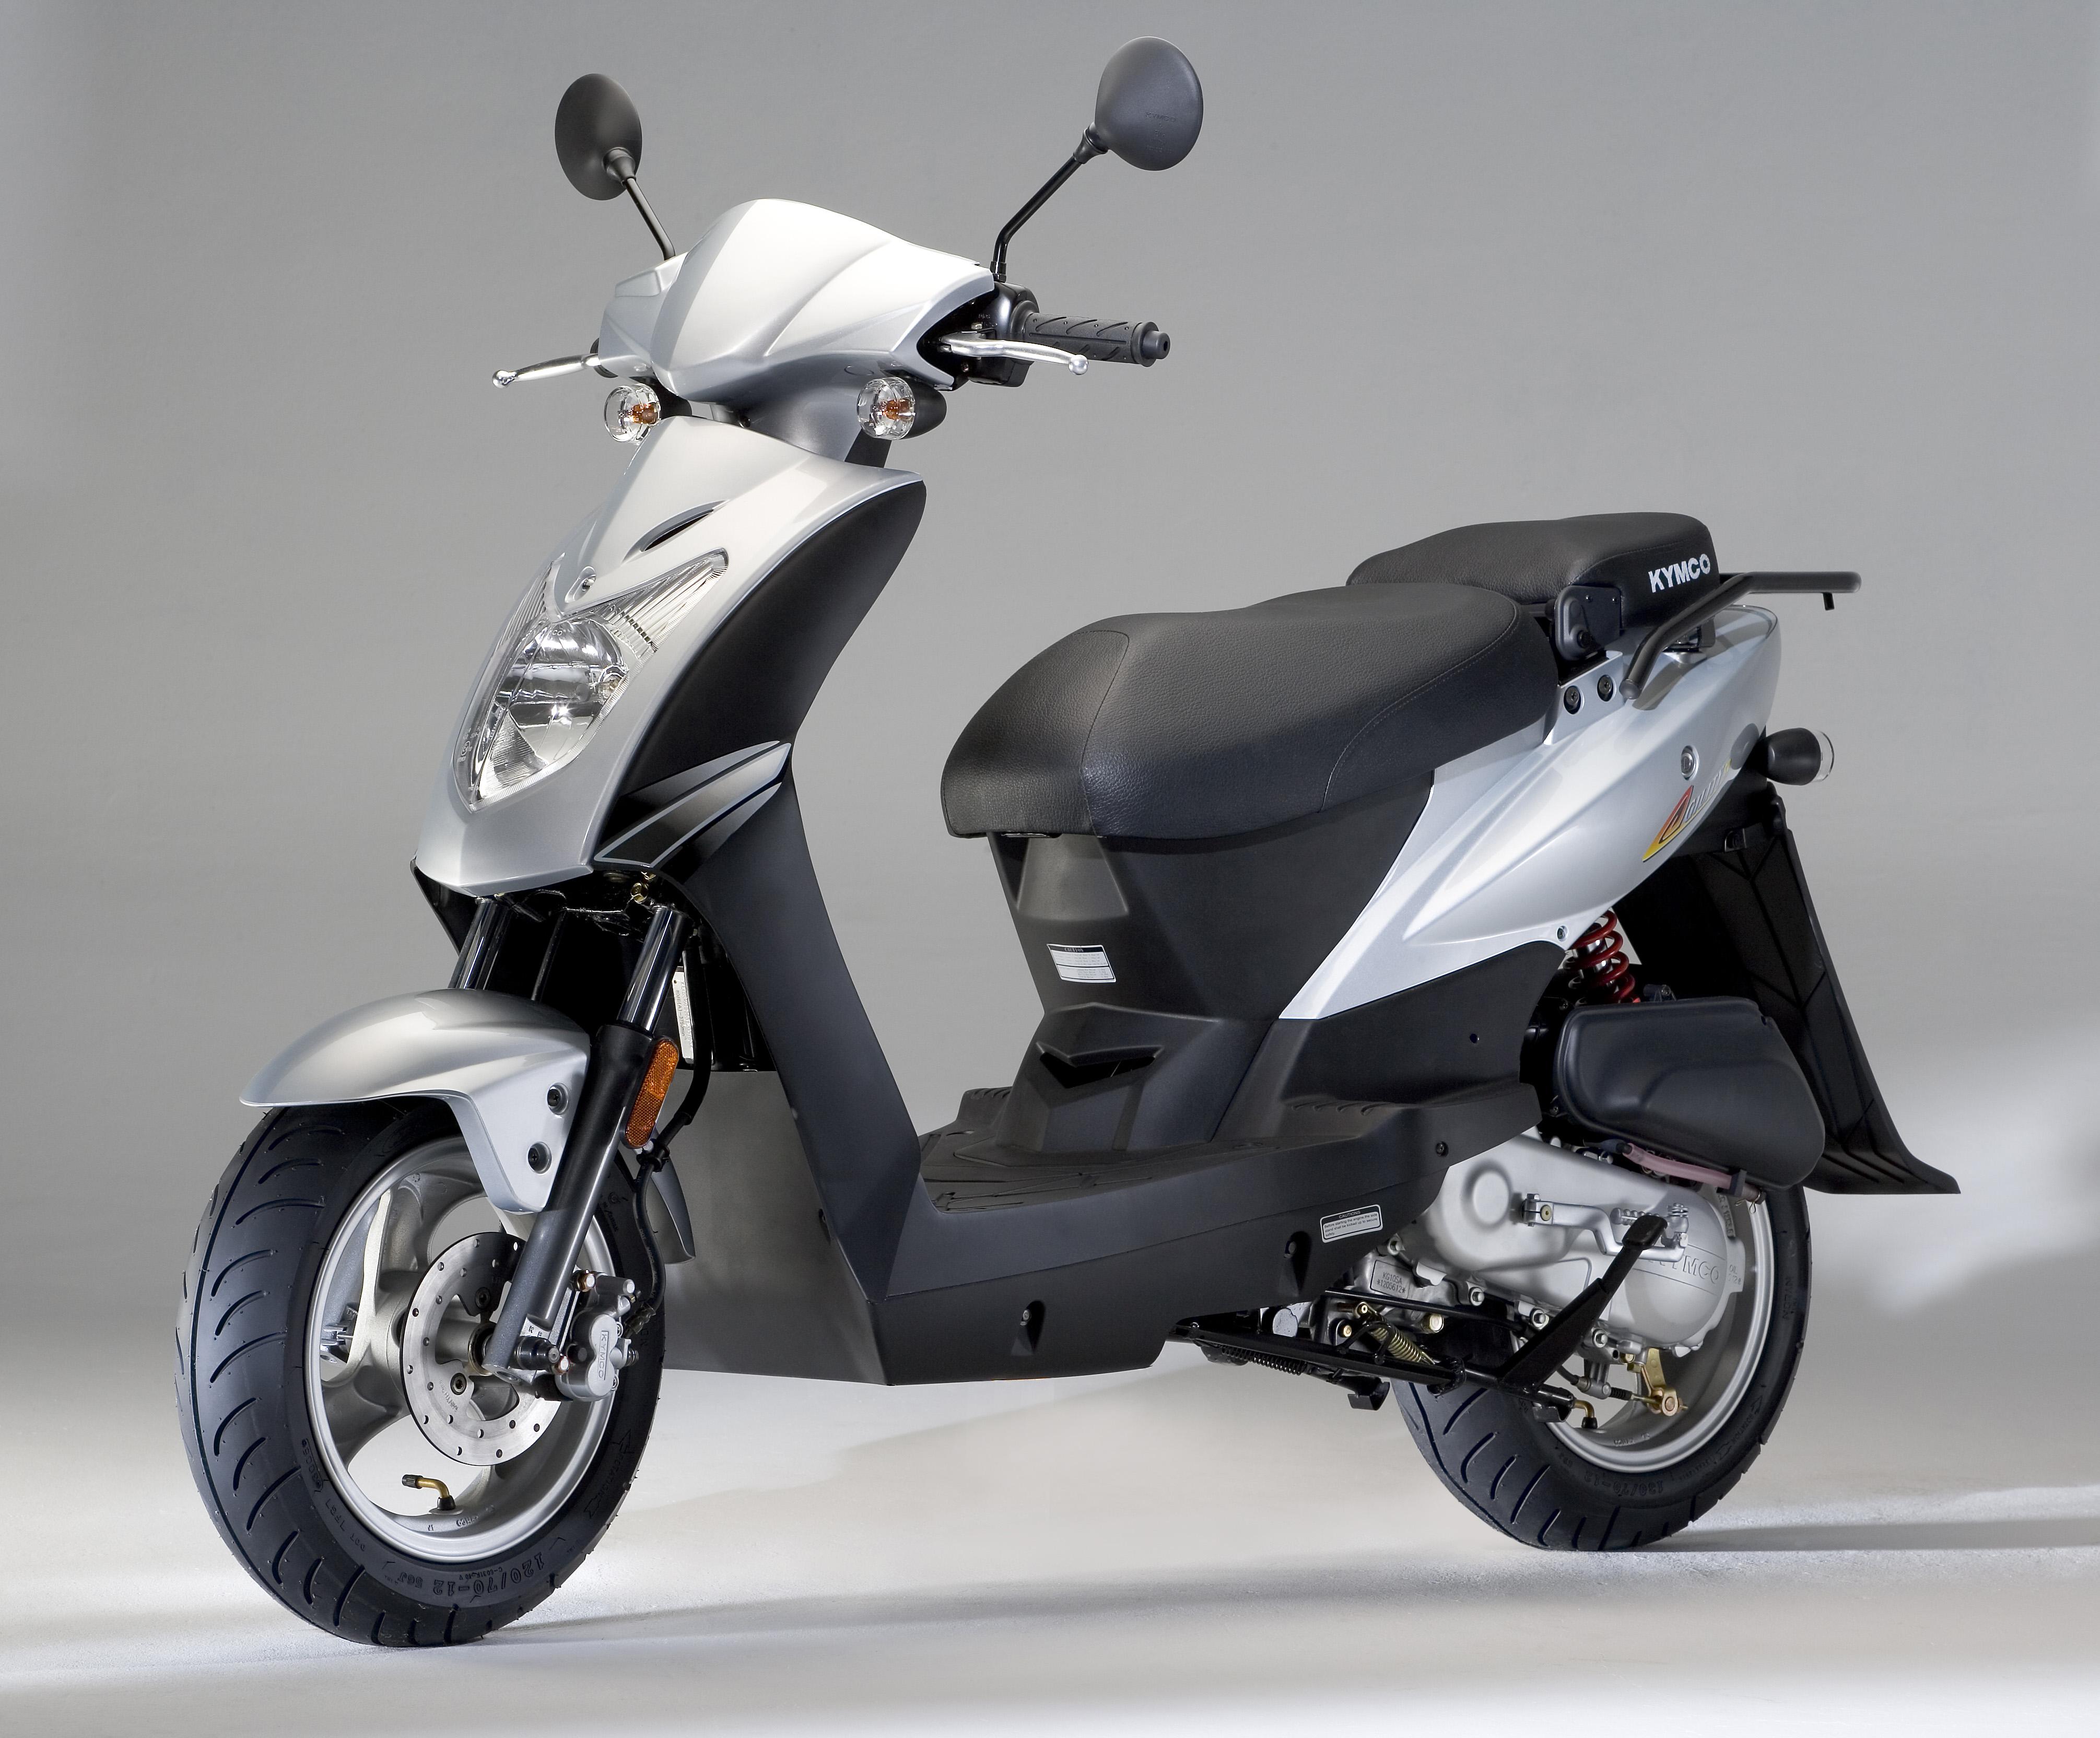 garc a motos y kymco se han unido para ofrecer en bilbao las ltimas tendencias en movilidad. Black Bedroom Furniture Sets. Home Design Ideas